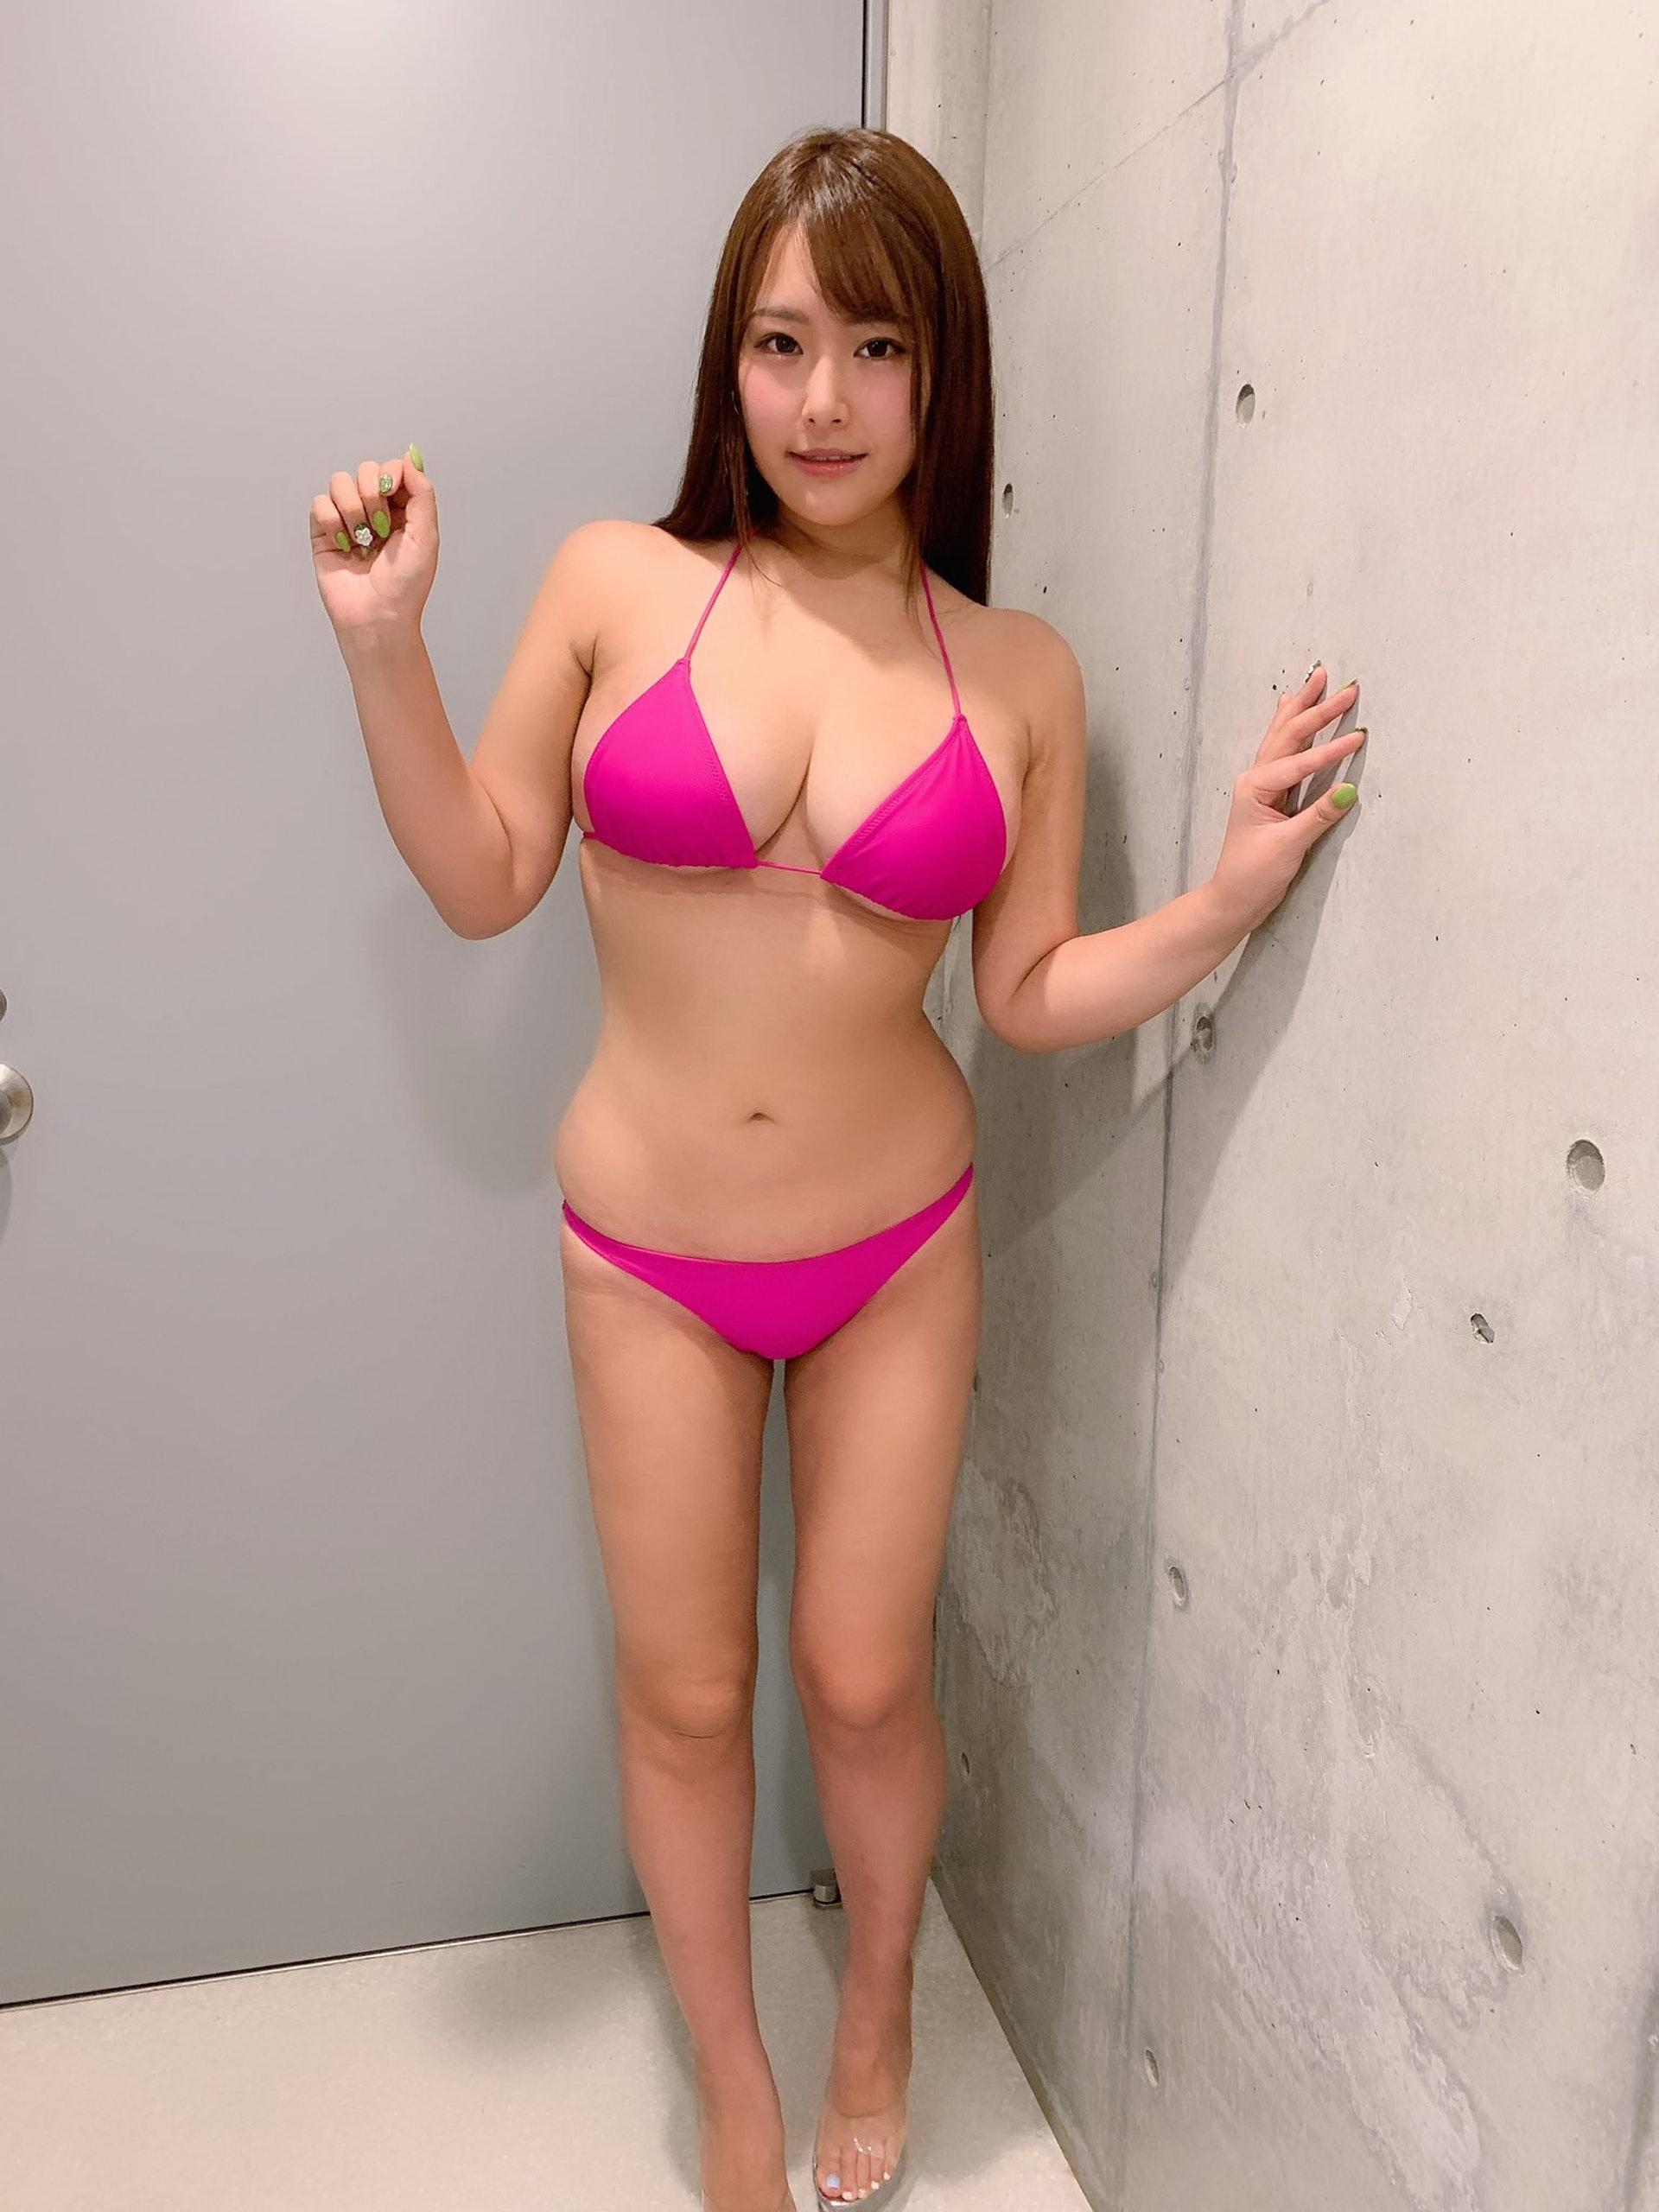 秋山夏帆身高168cm,擁有100cm的完美I罩杯上圍。(秋山夏帆Twitter:@akiyama_kaho)